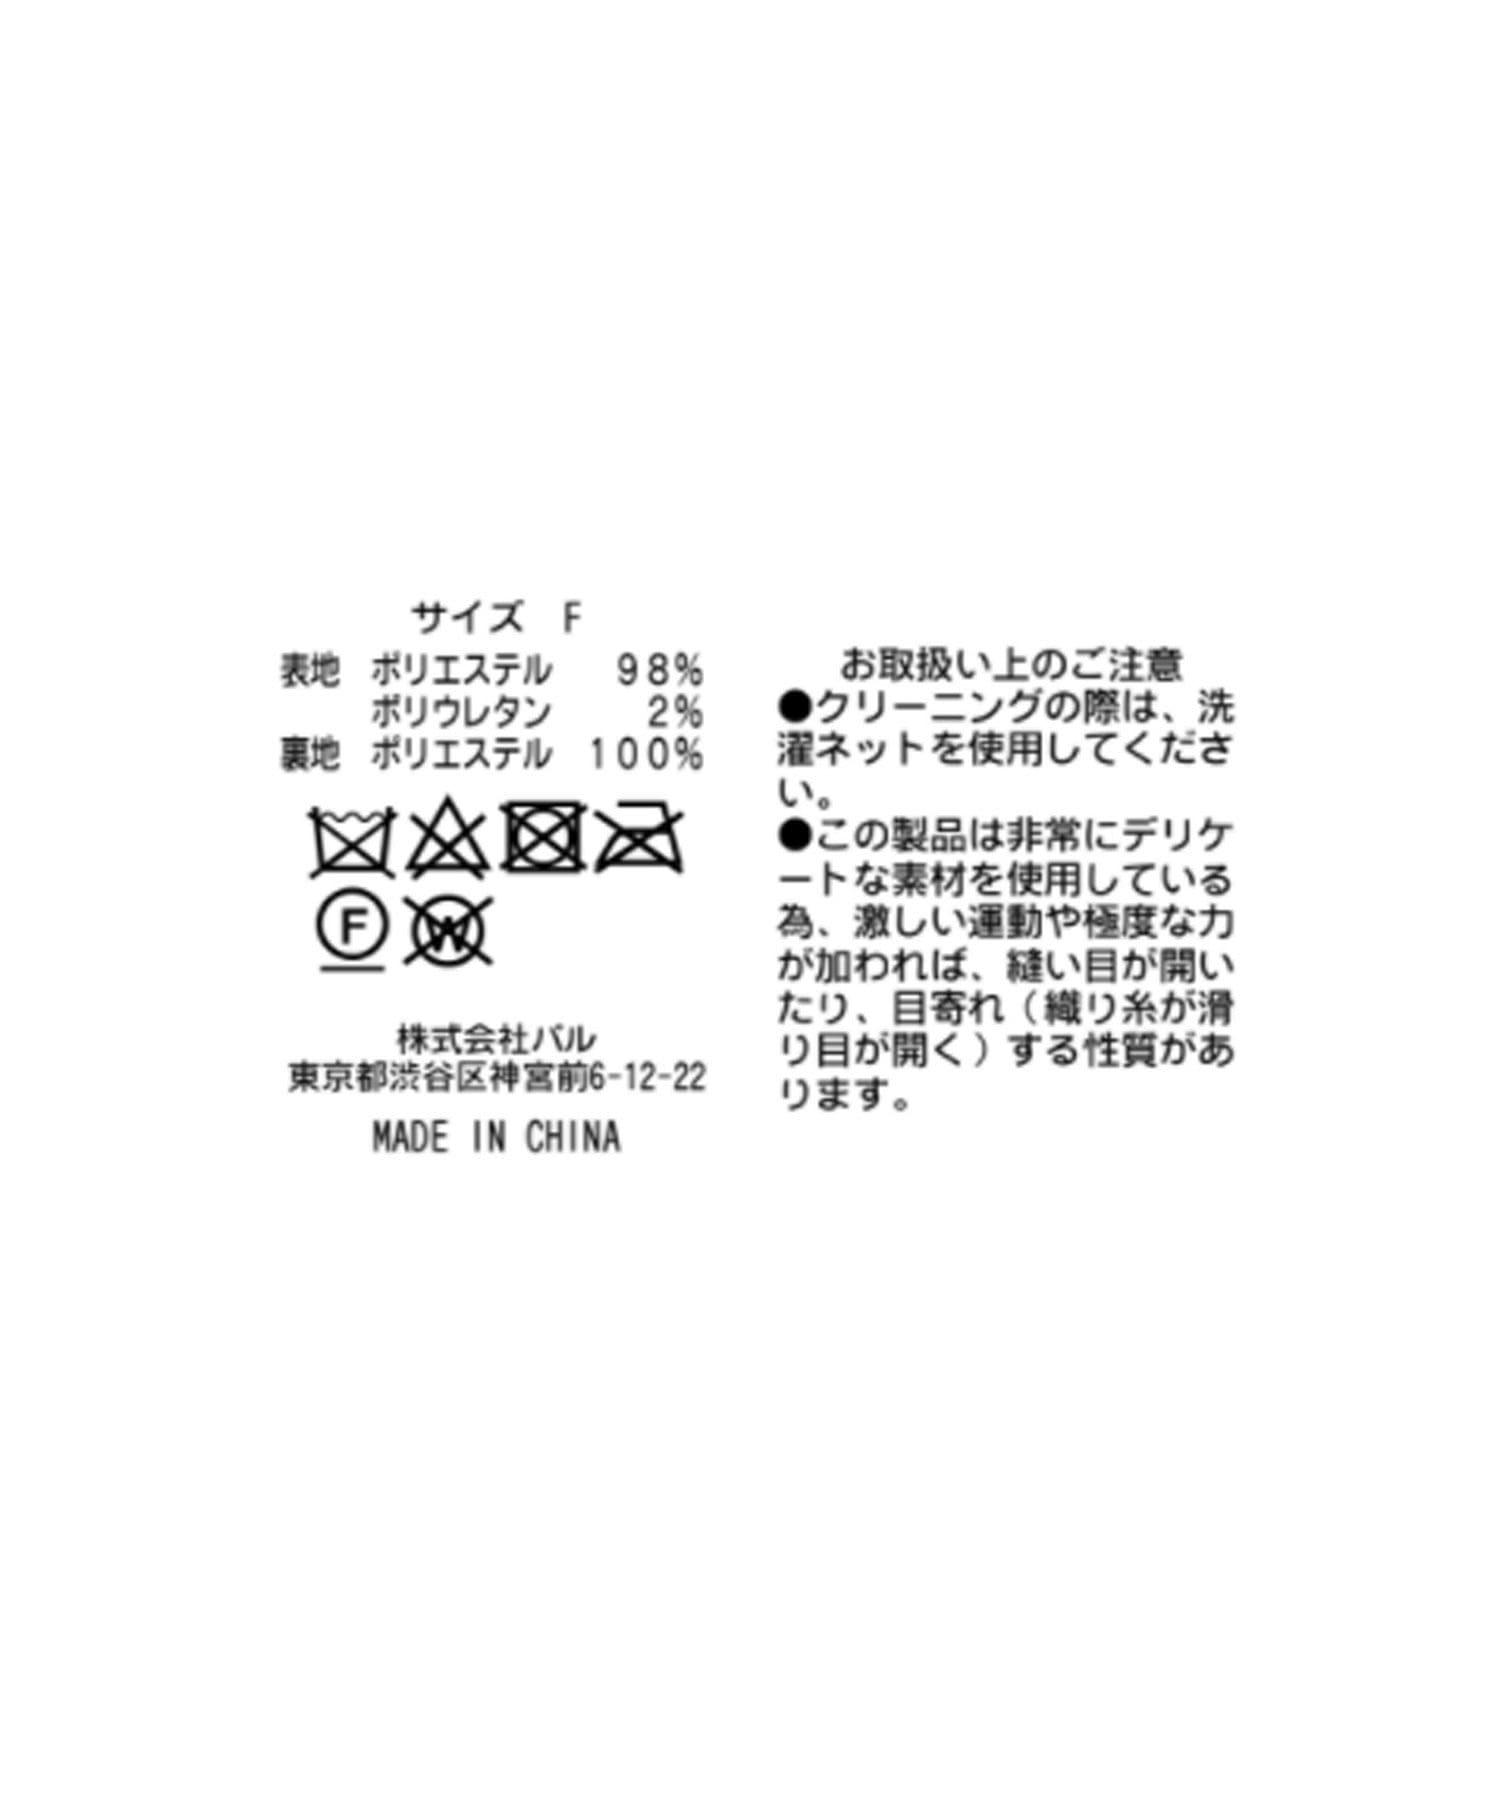 un dix cors(アンディコール) 【女性らしい繊細なデザイン】ダルメシアンプリントプリーツワンピース